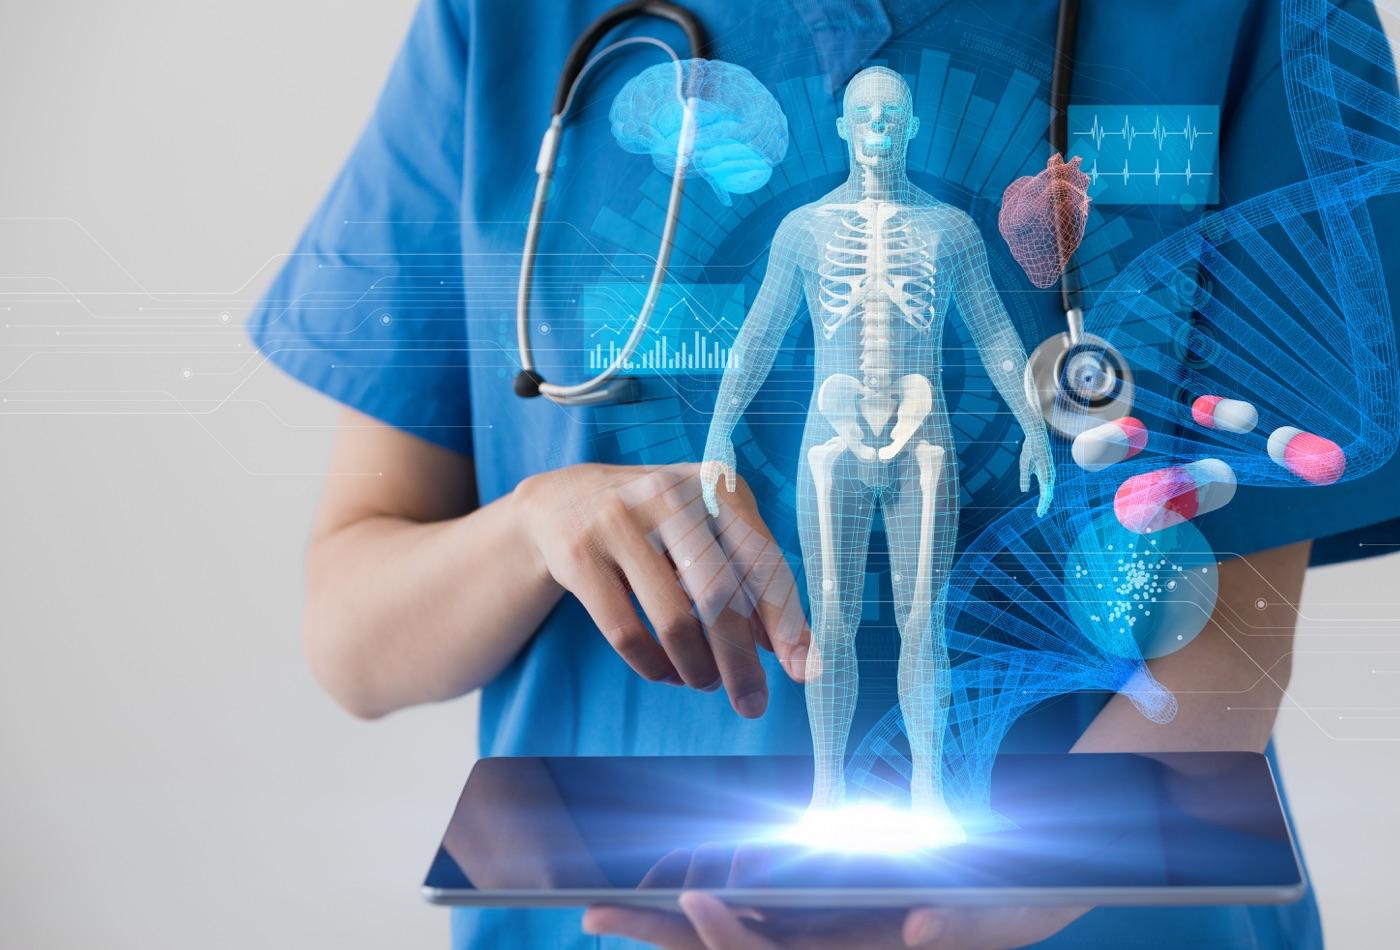 KKR在华成立医院管理平台仁康投资(深圳)有限责任公司旨在为广大中国患者提供优质的医疗服务